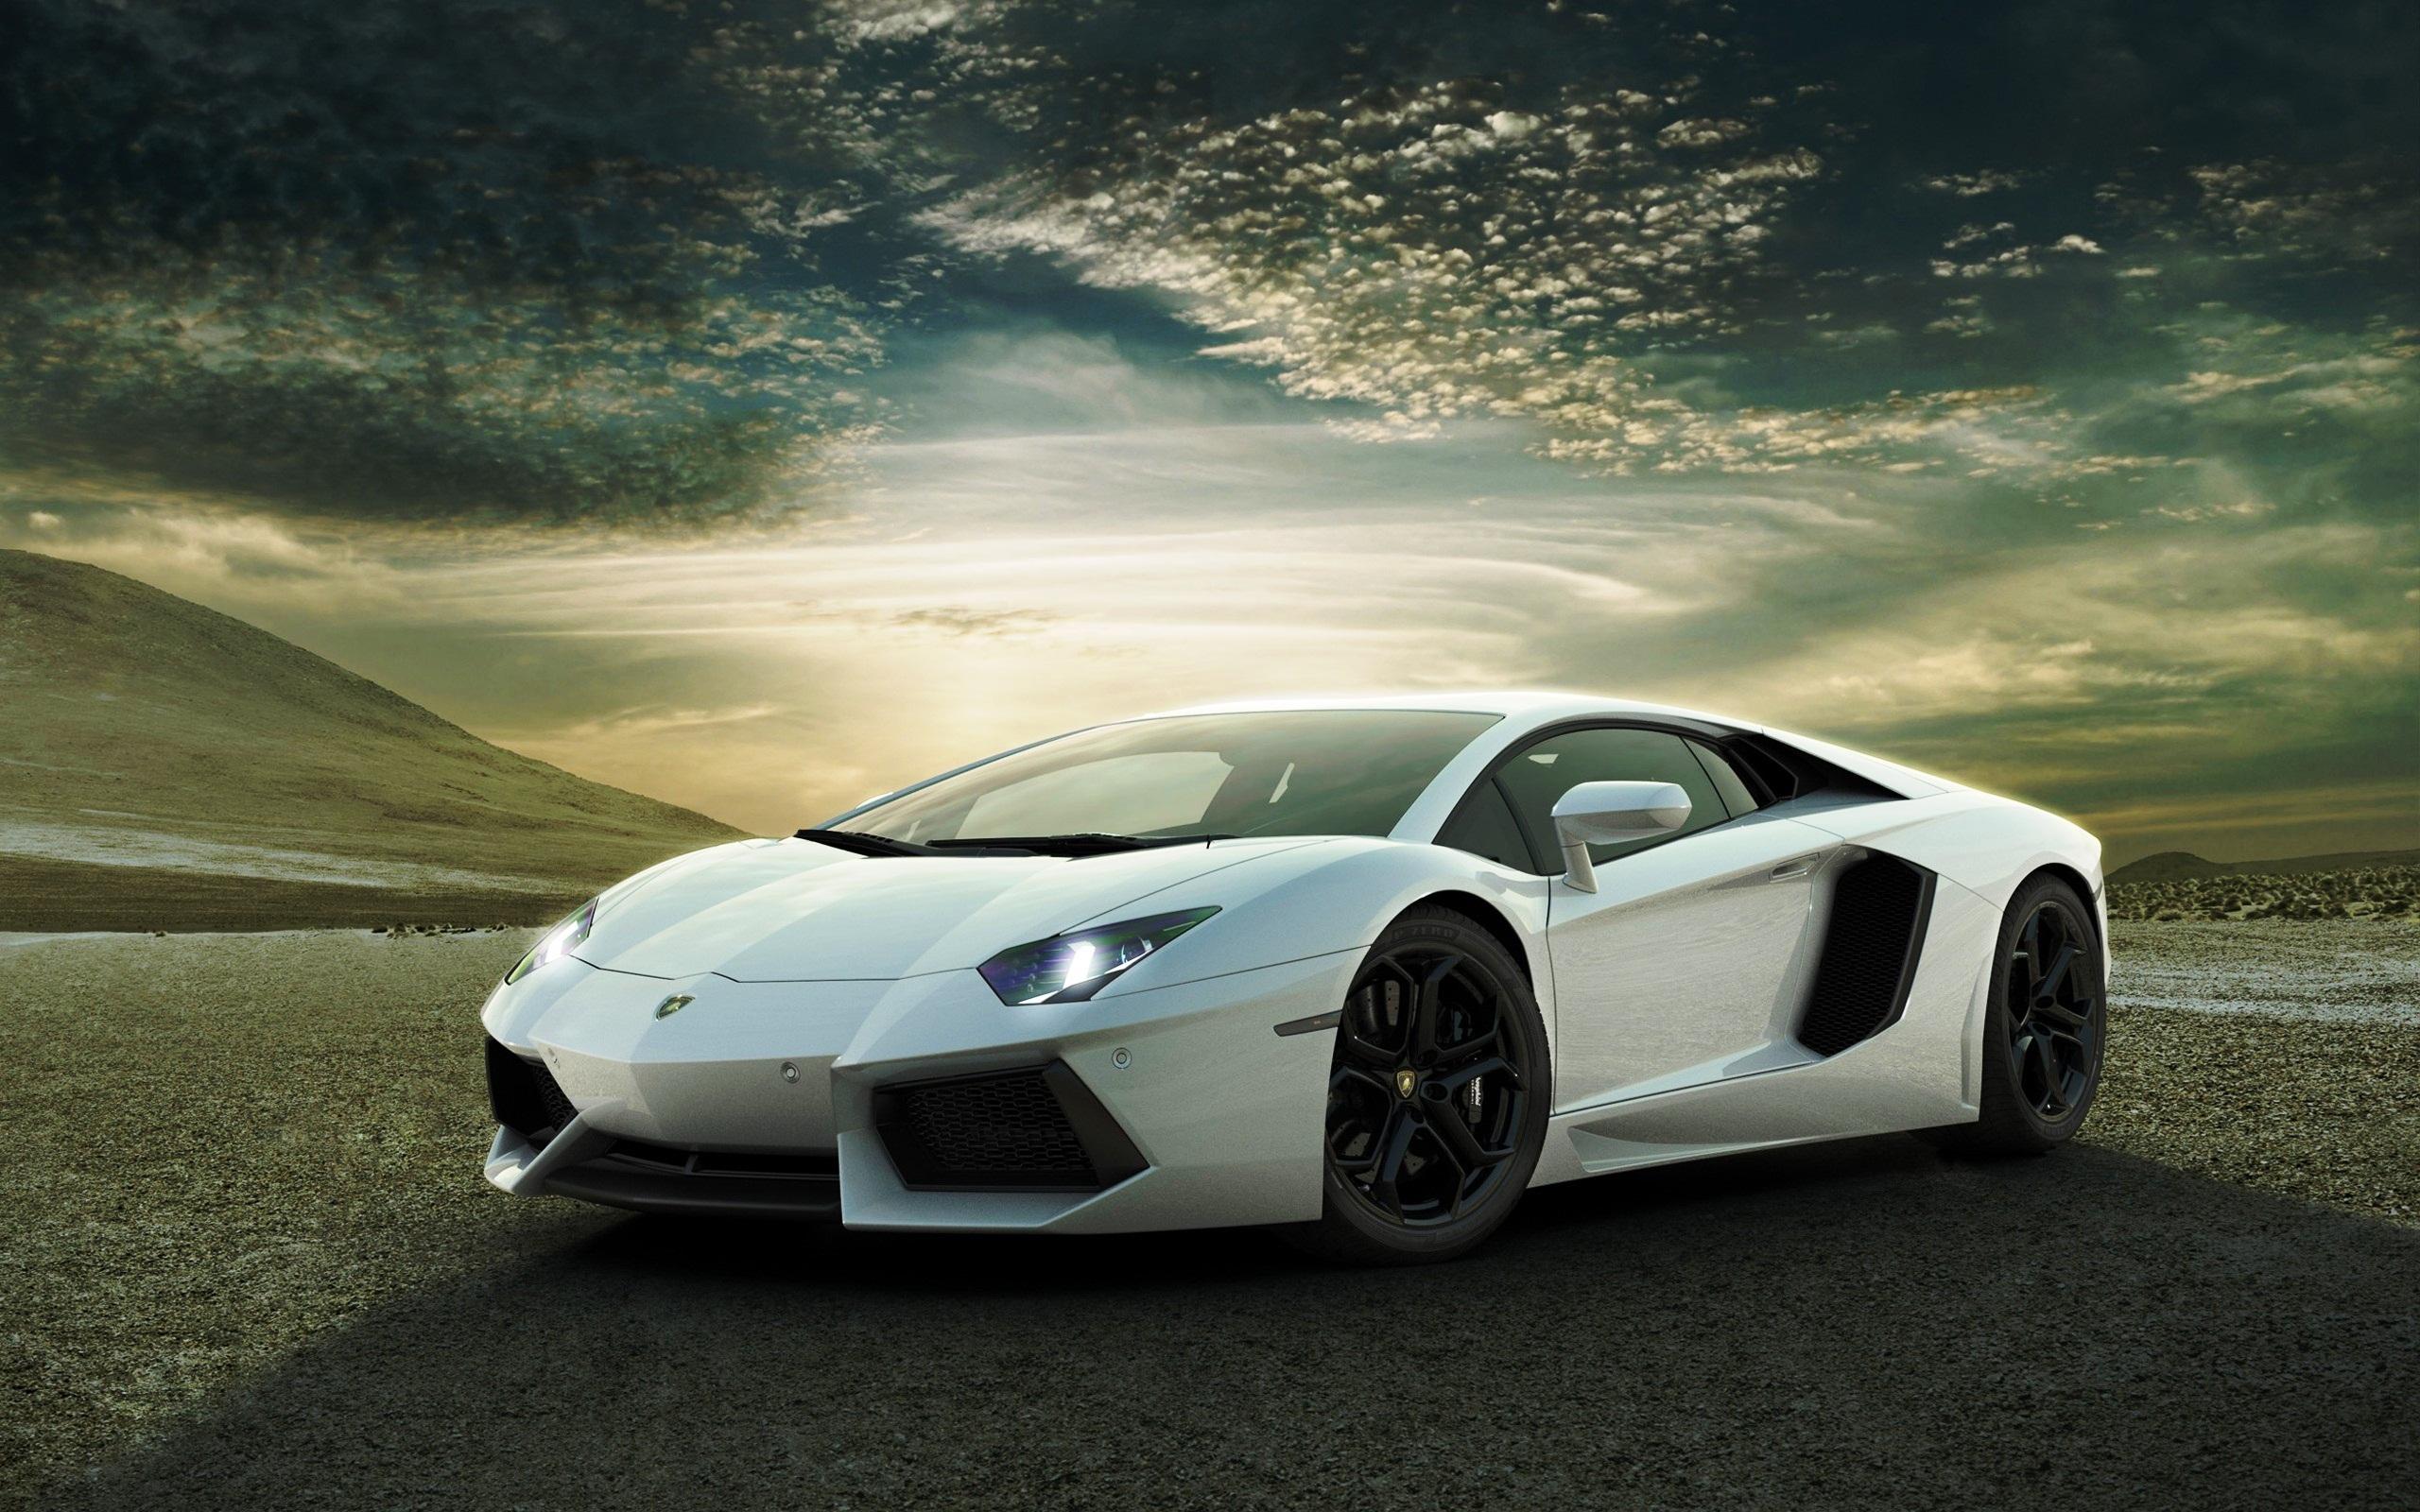 Lamborghini Hd Wallpapers Free Download Wallpapersafari